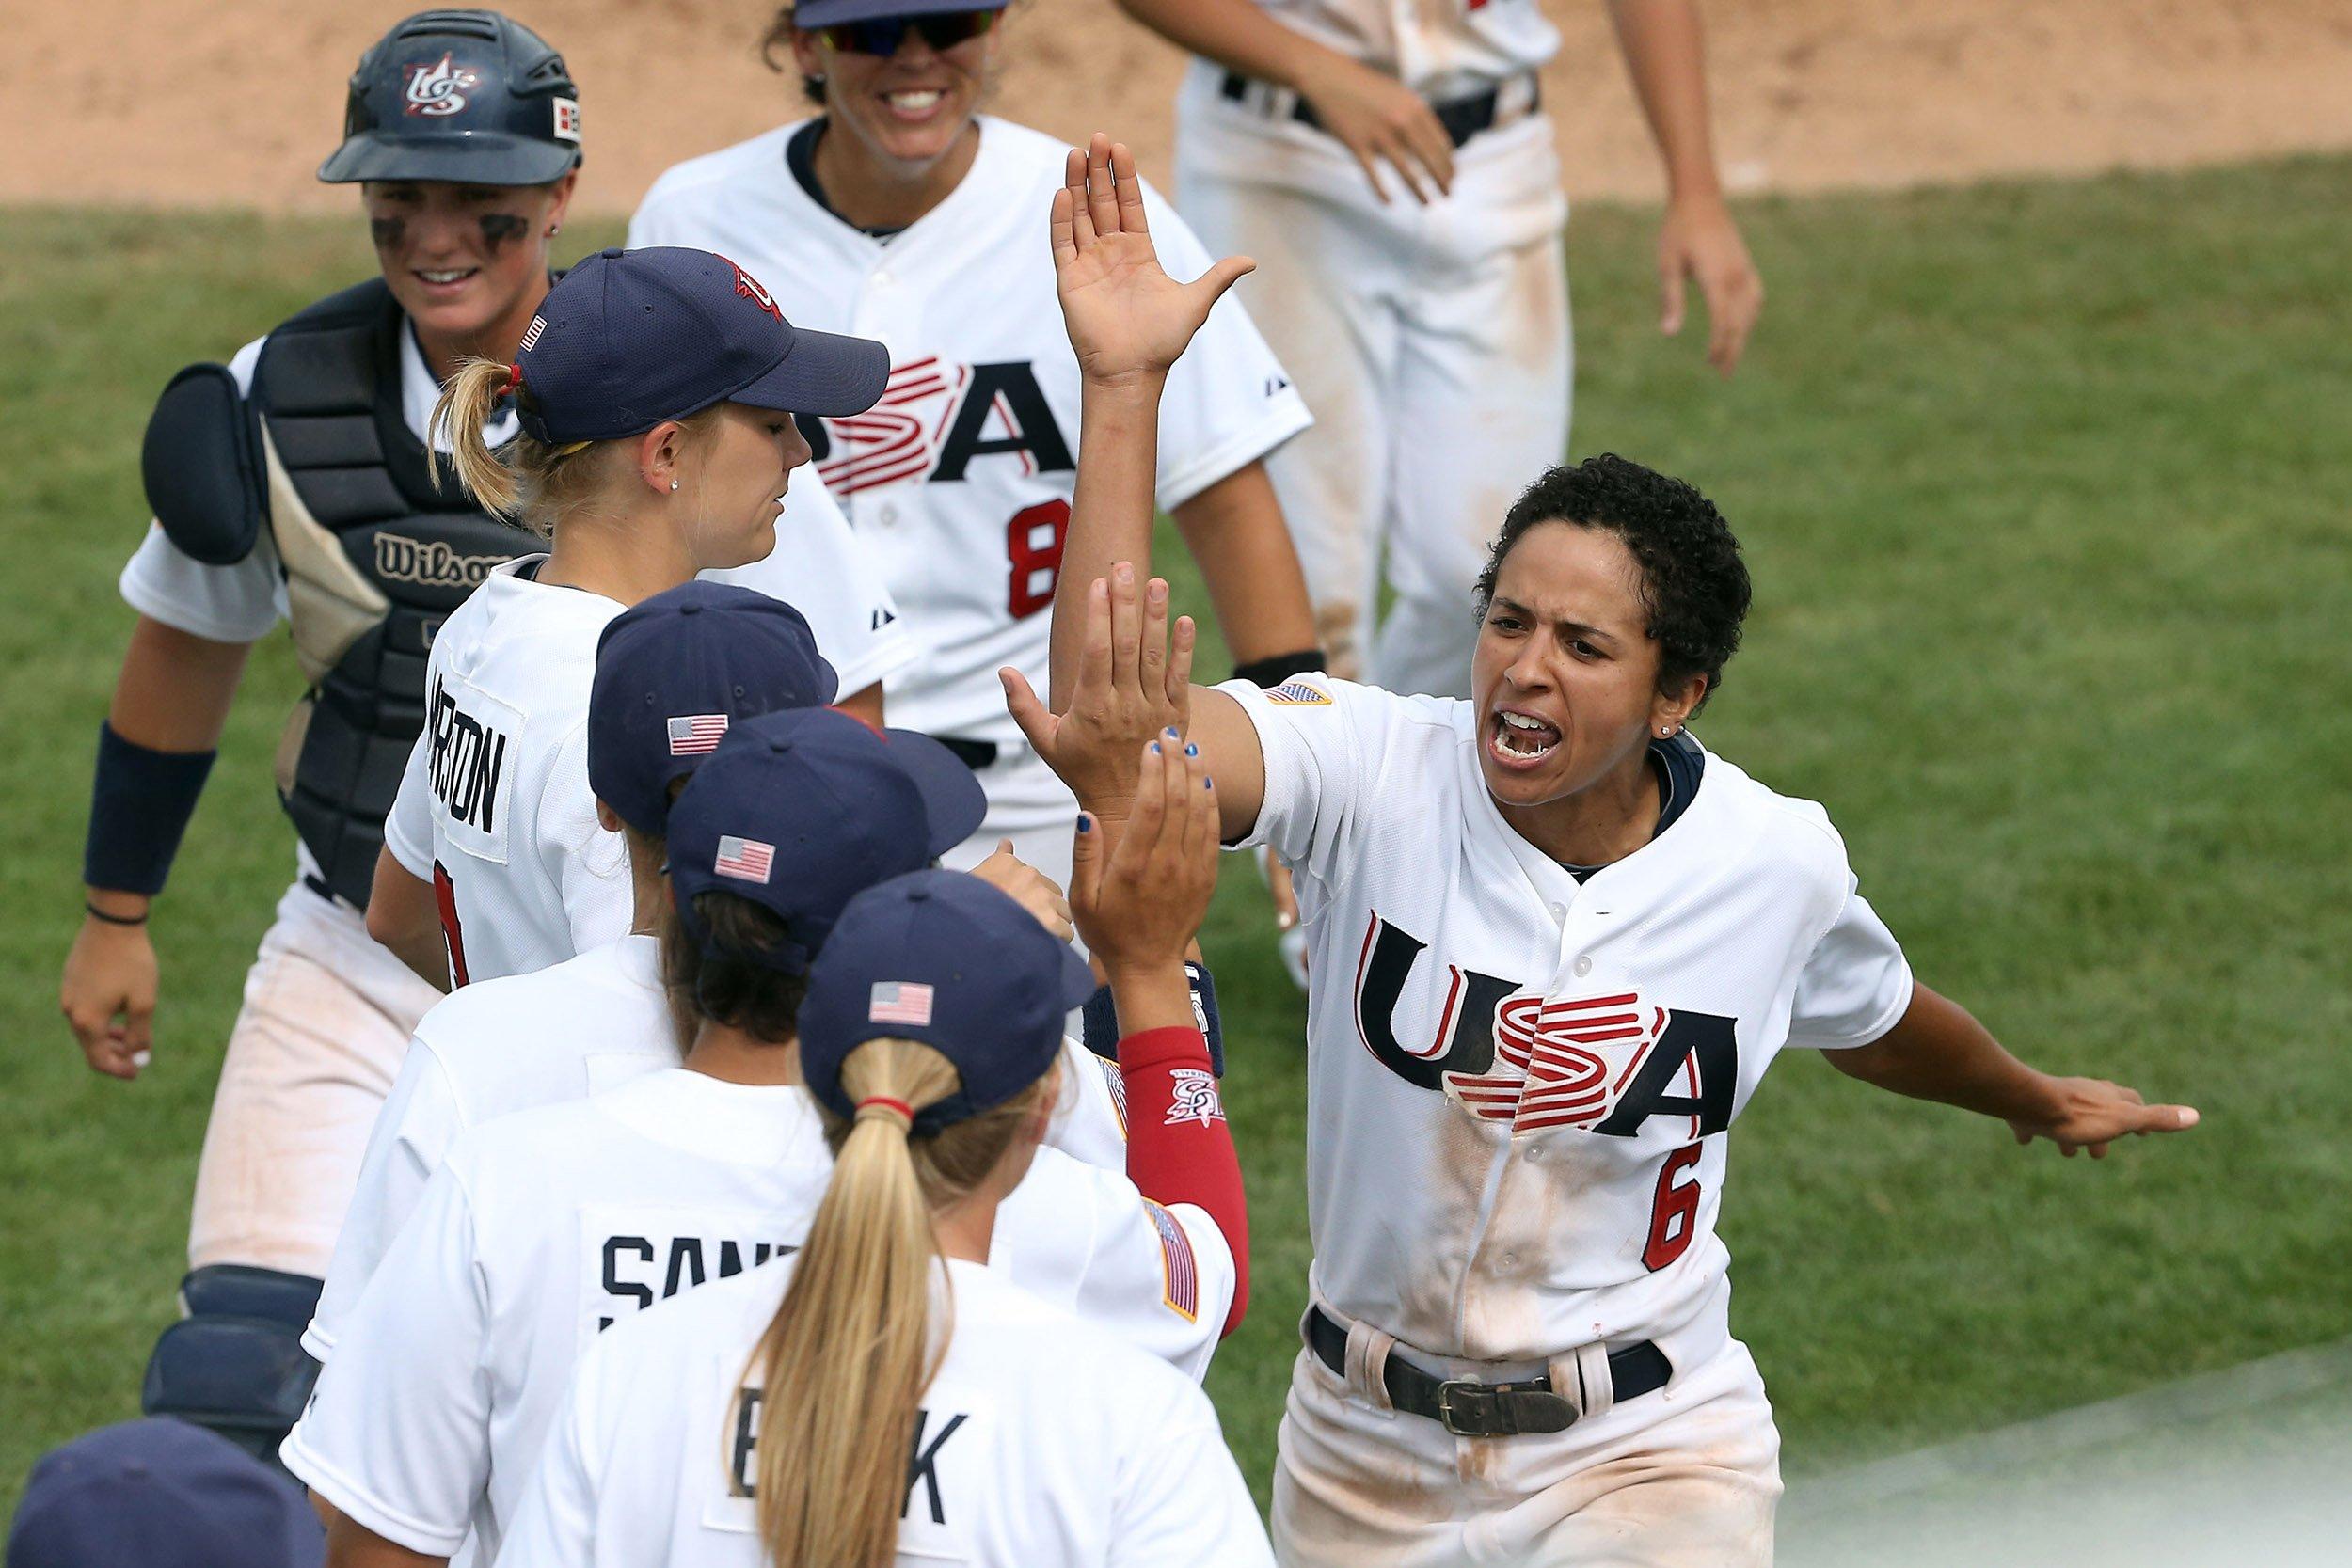 07_30_USAWomensBaseball_01